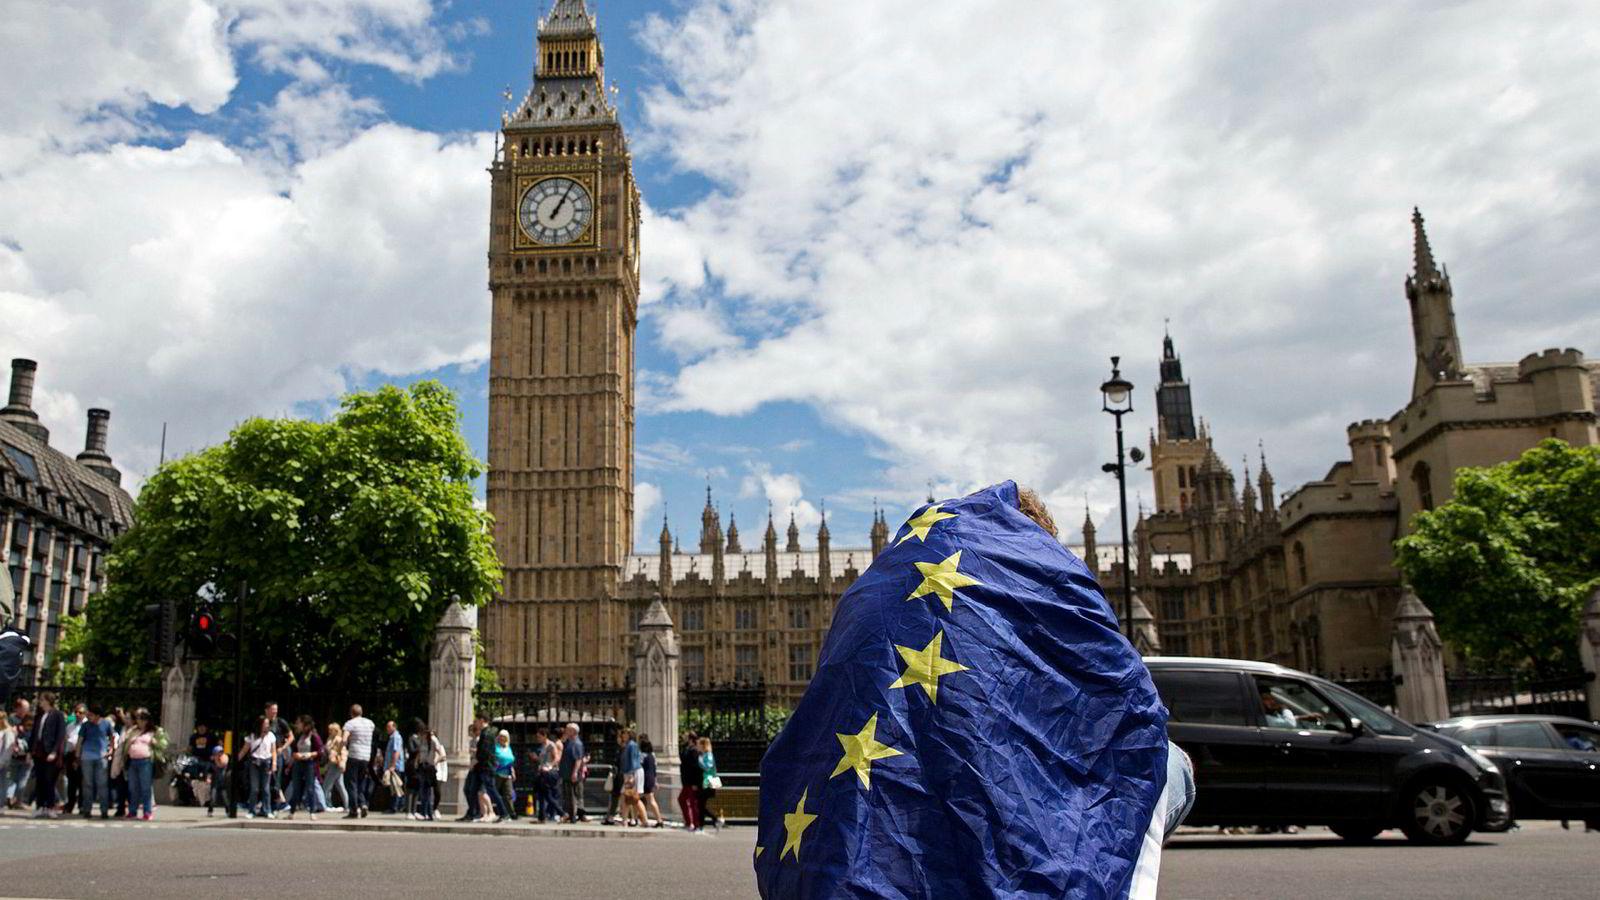 I forberedelsene til en mulig hard brexit 31. oktober gikk den britiske regjeringen nylig inn for umiddelbar stans i fri ferdsel over grensen for EU-borgere så snart utmeldingen var et faktum. Nå gjør britene helomvending.